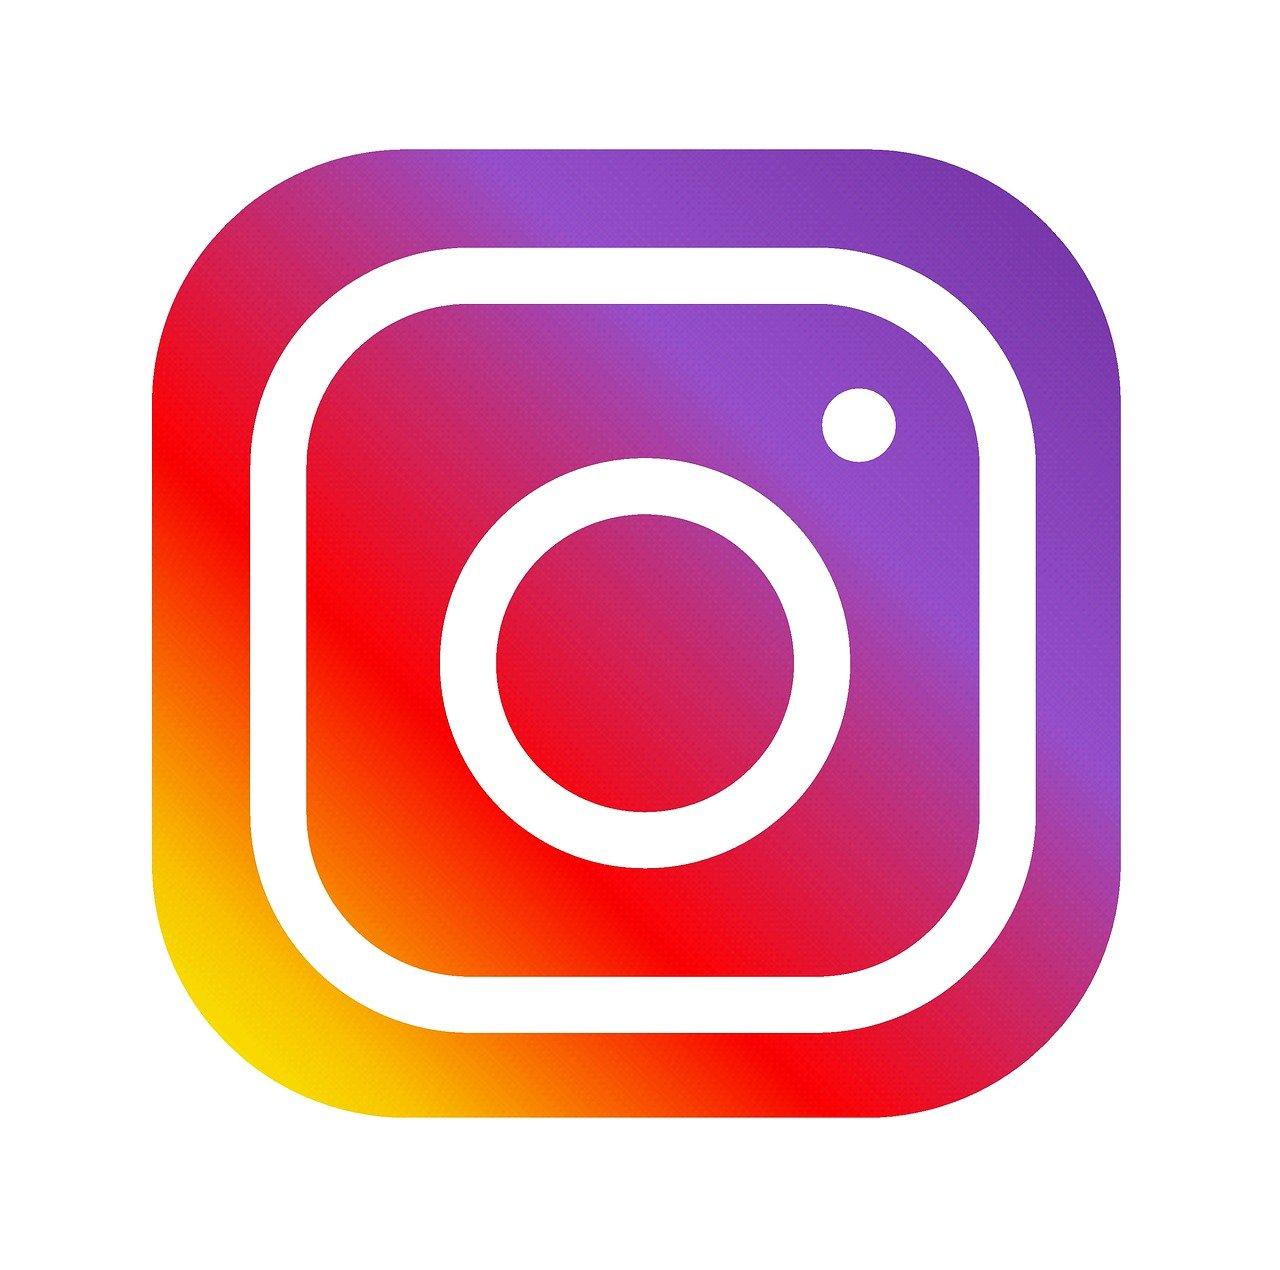 instagram-1581266_1280.jpg